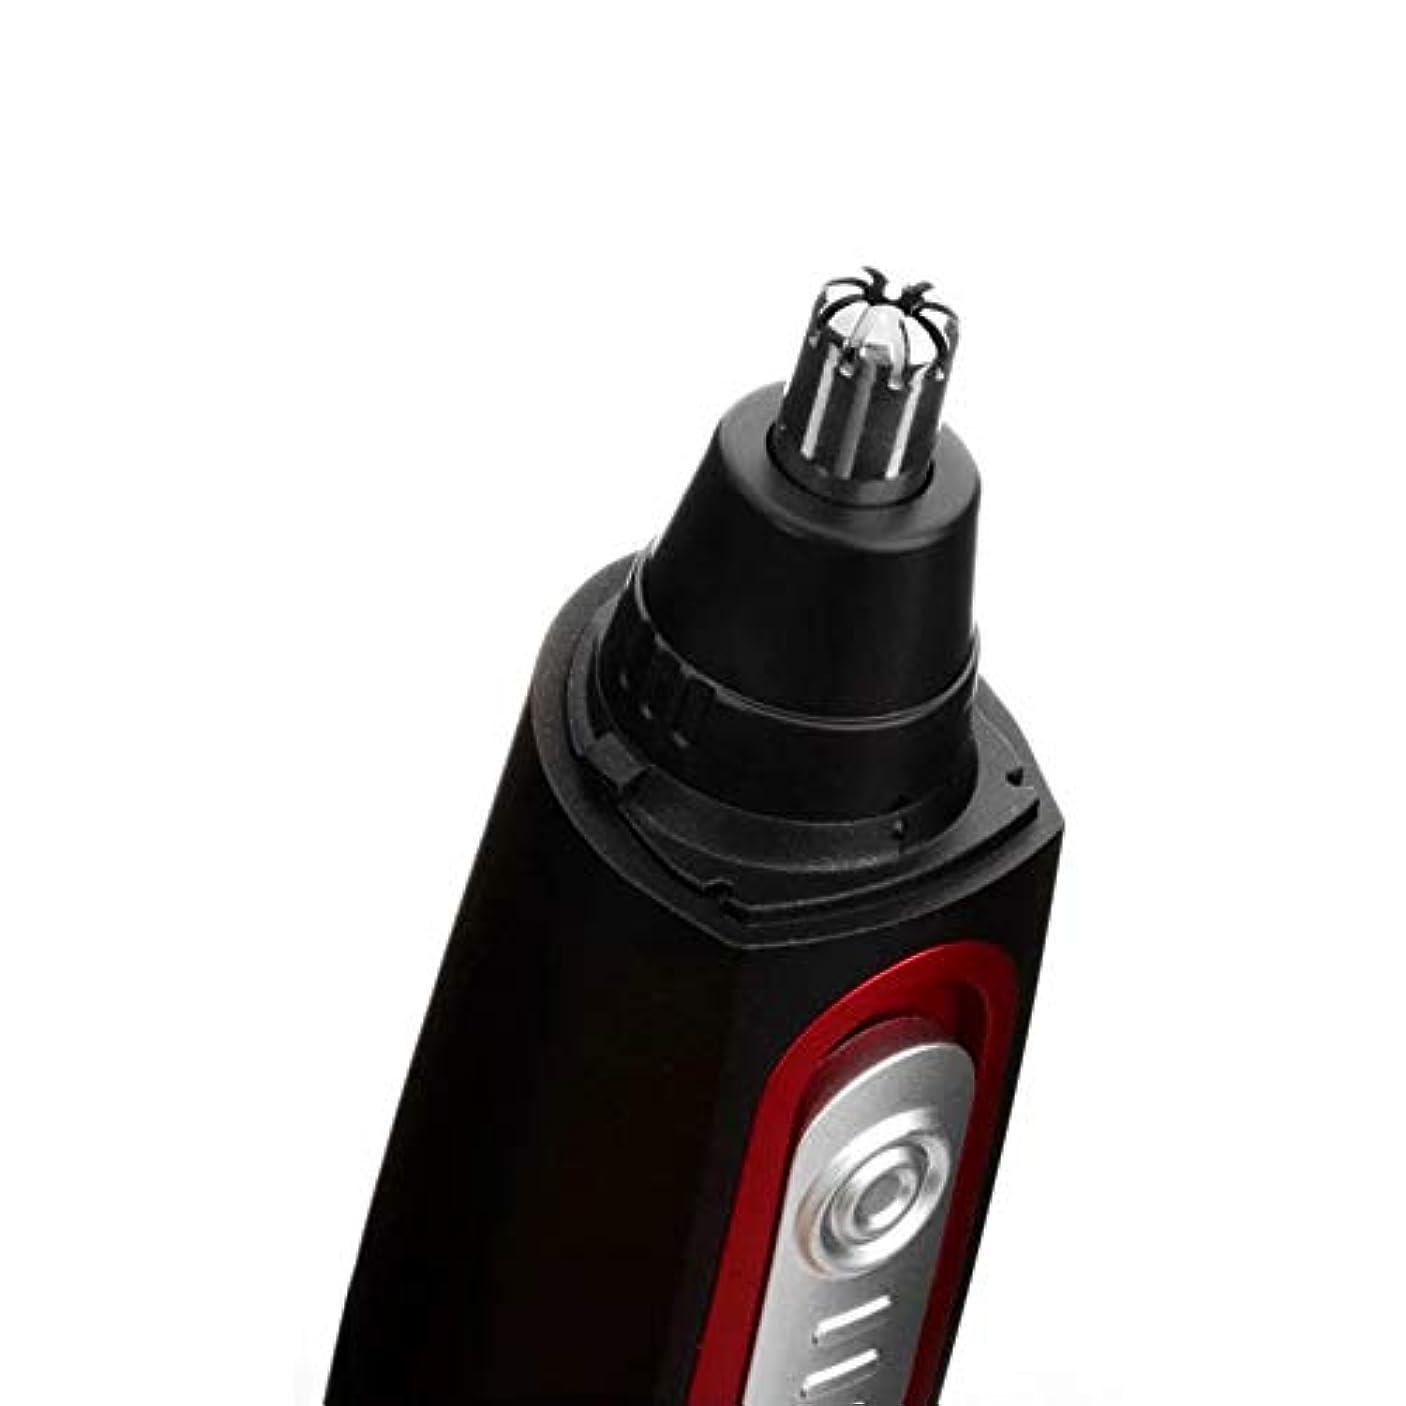 健康的時系列ルールノーズヘアトリマー/メンズシェービングノーズヘアスクレーピングノーズヘアハサミ/ 360°効果的なキャプチャー/三次元ロータリーカッターヘッドデザイン/ 14cm 使いやすい